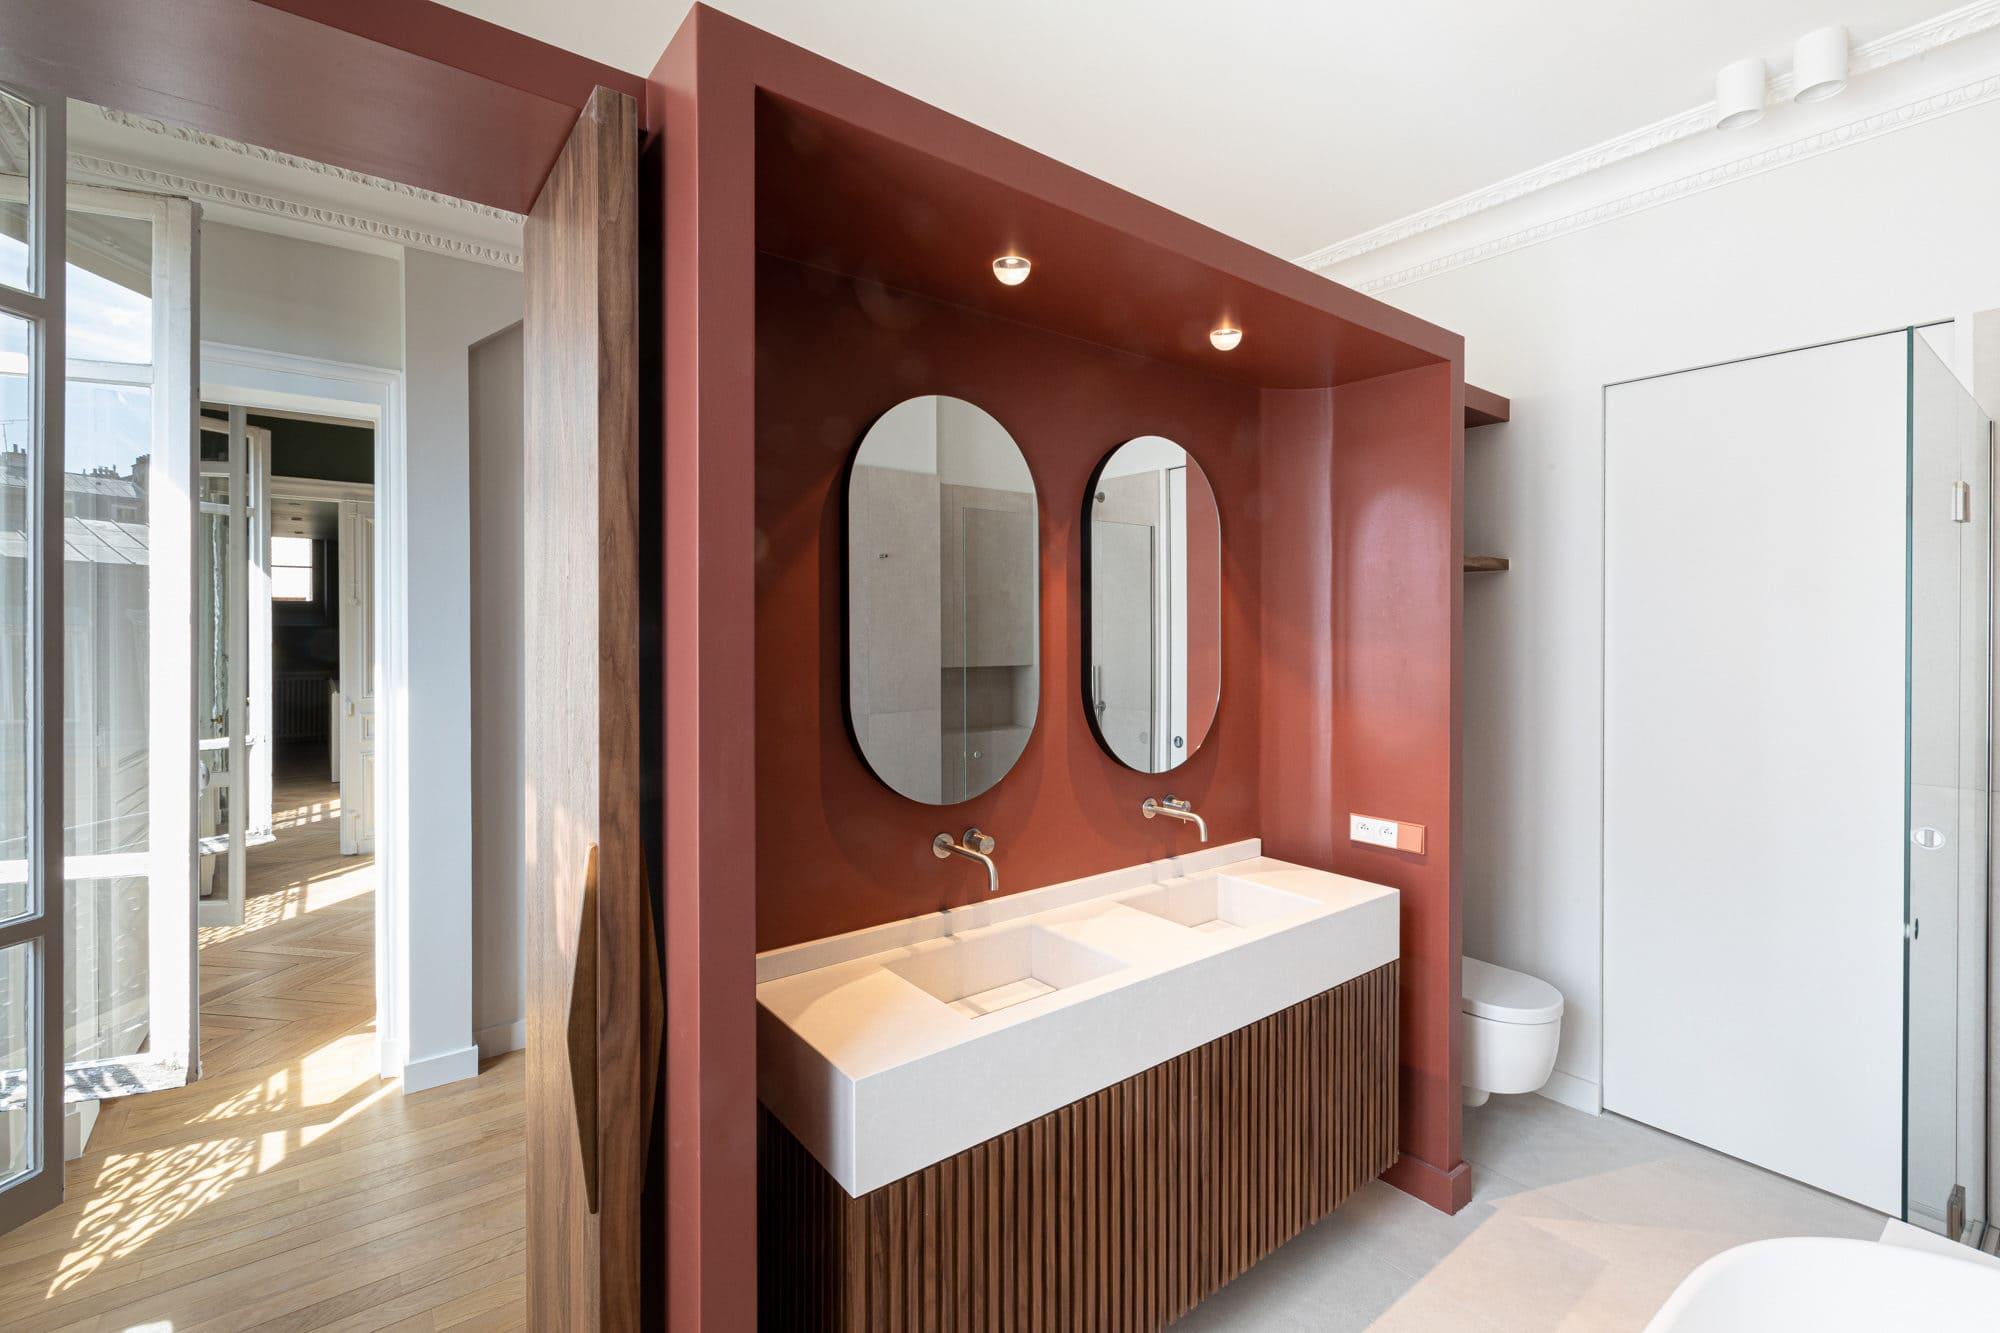 Mise en lumière d'une salle de bain haut de gamme